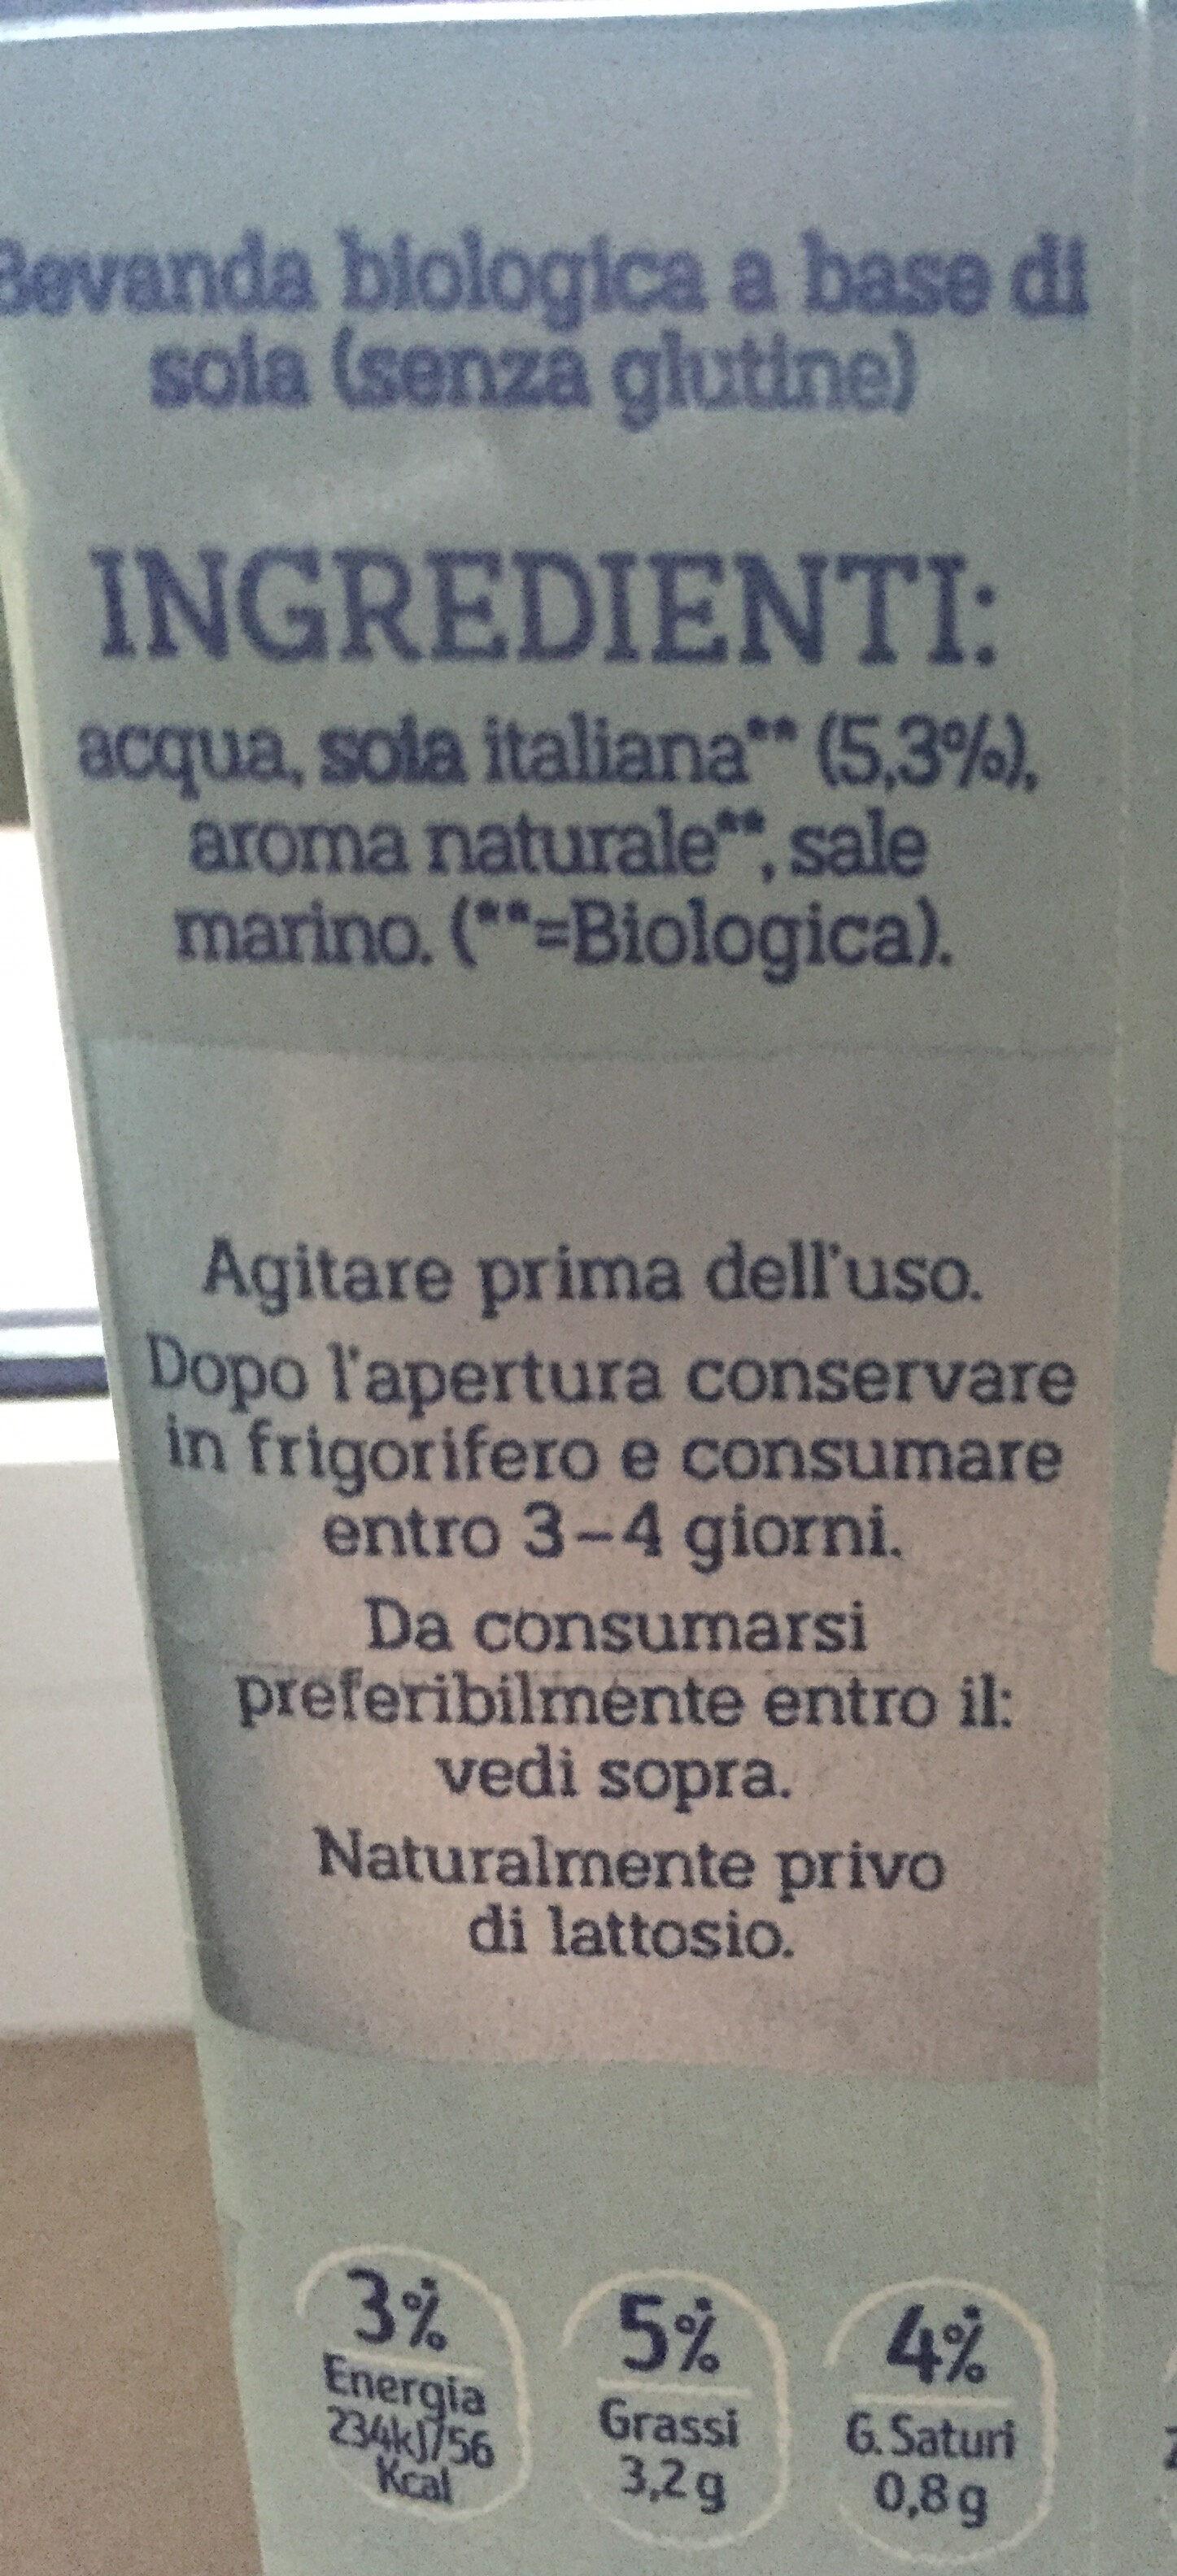 SOIA LIGHT - Ingredients